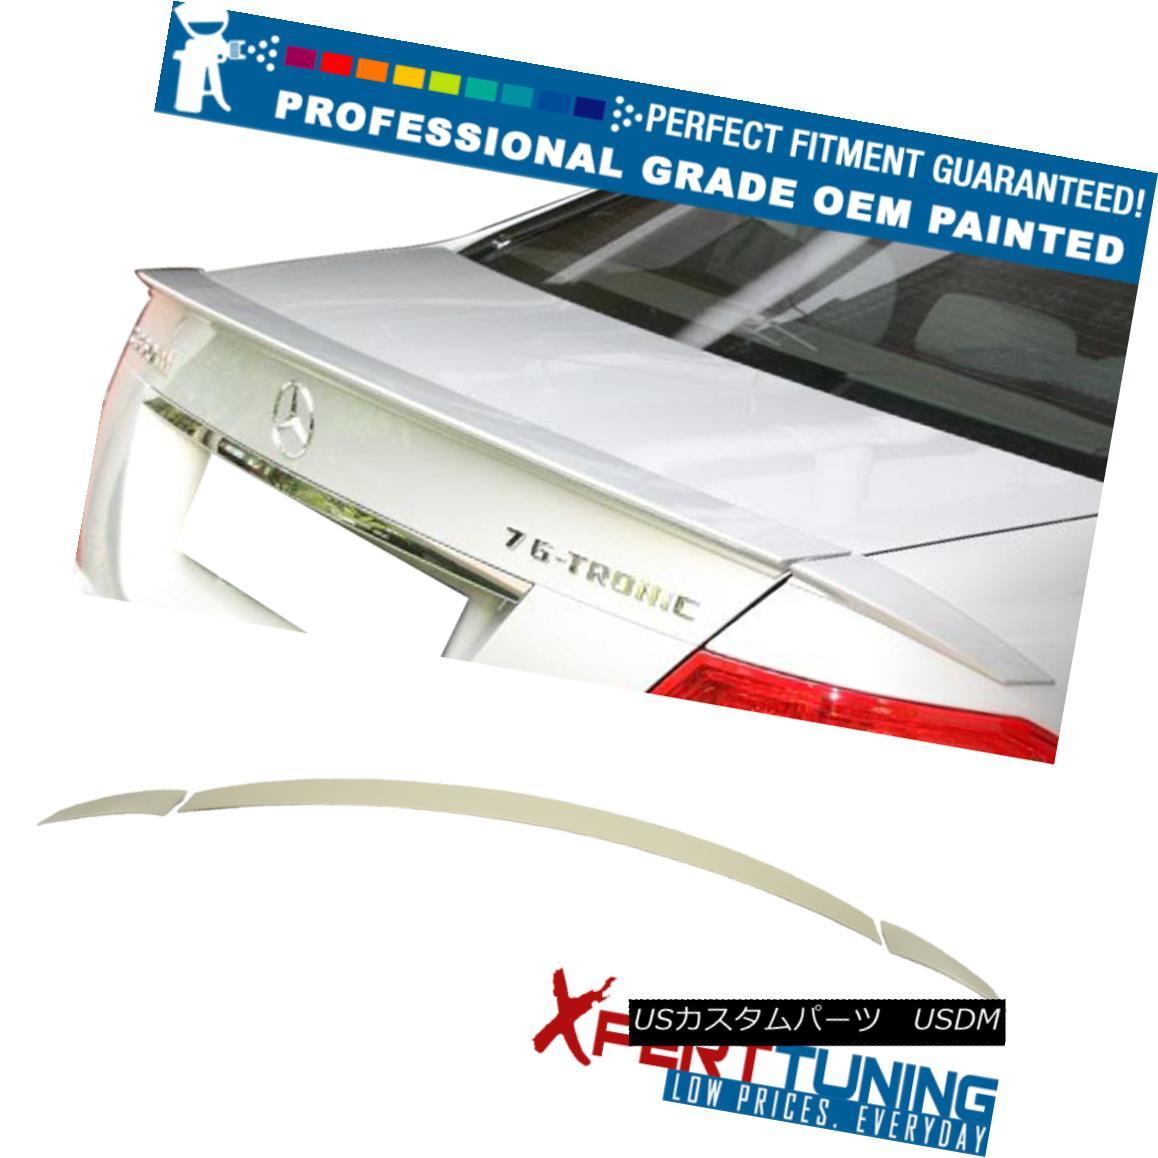 エアロパーツ 08-14 C-Class W204 B Style 4Dr Painted ABS Trunk Spoiler - OEM Painted Color 08-14 CクラスW204 Bスタイル4Dr塗装ABSトランク・スポイラー - OEM塗装カラー